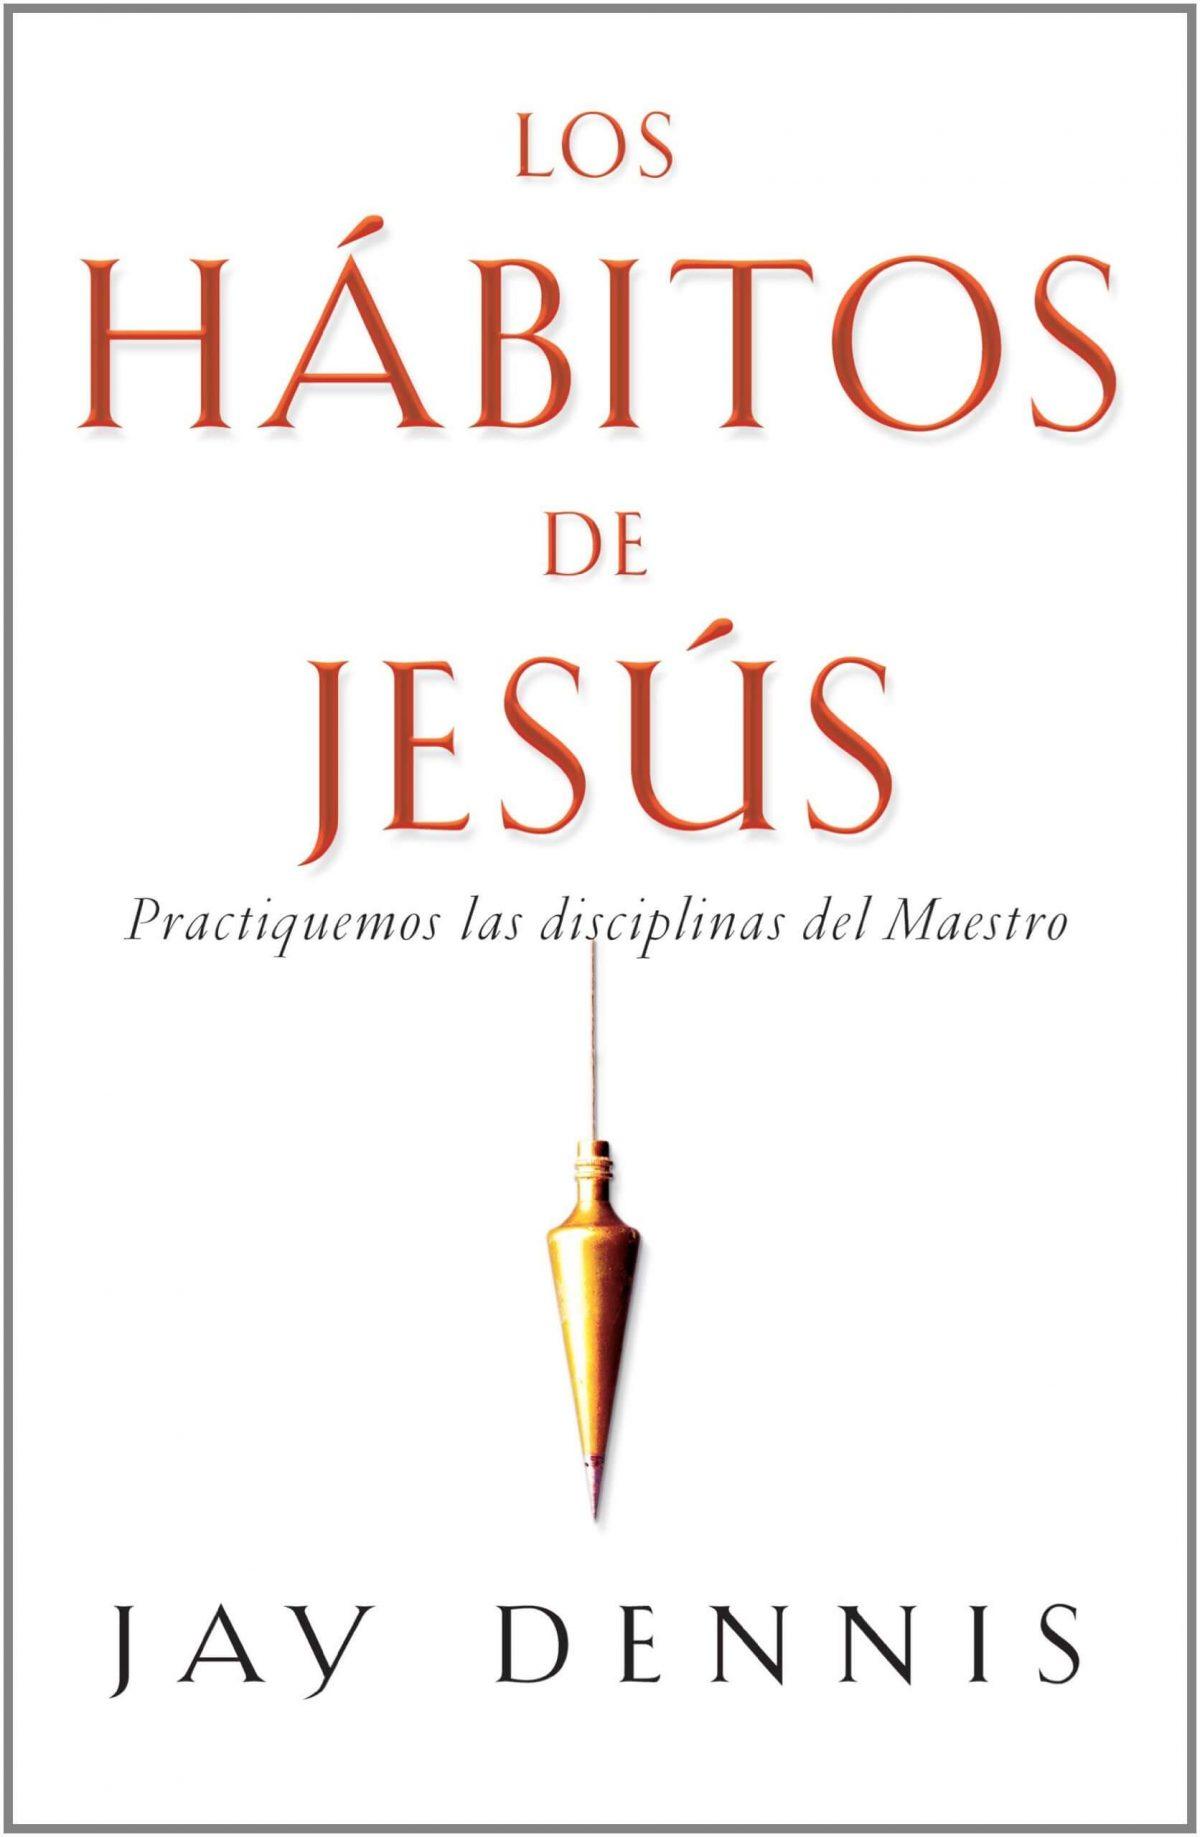 LOS HABITOS DE JESUS